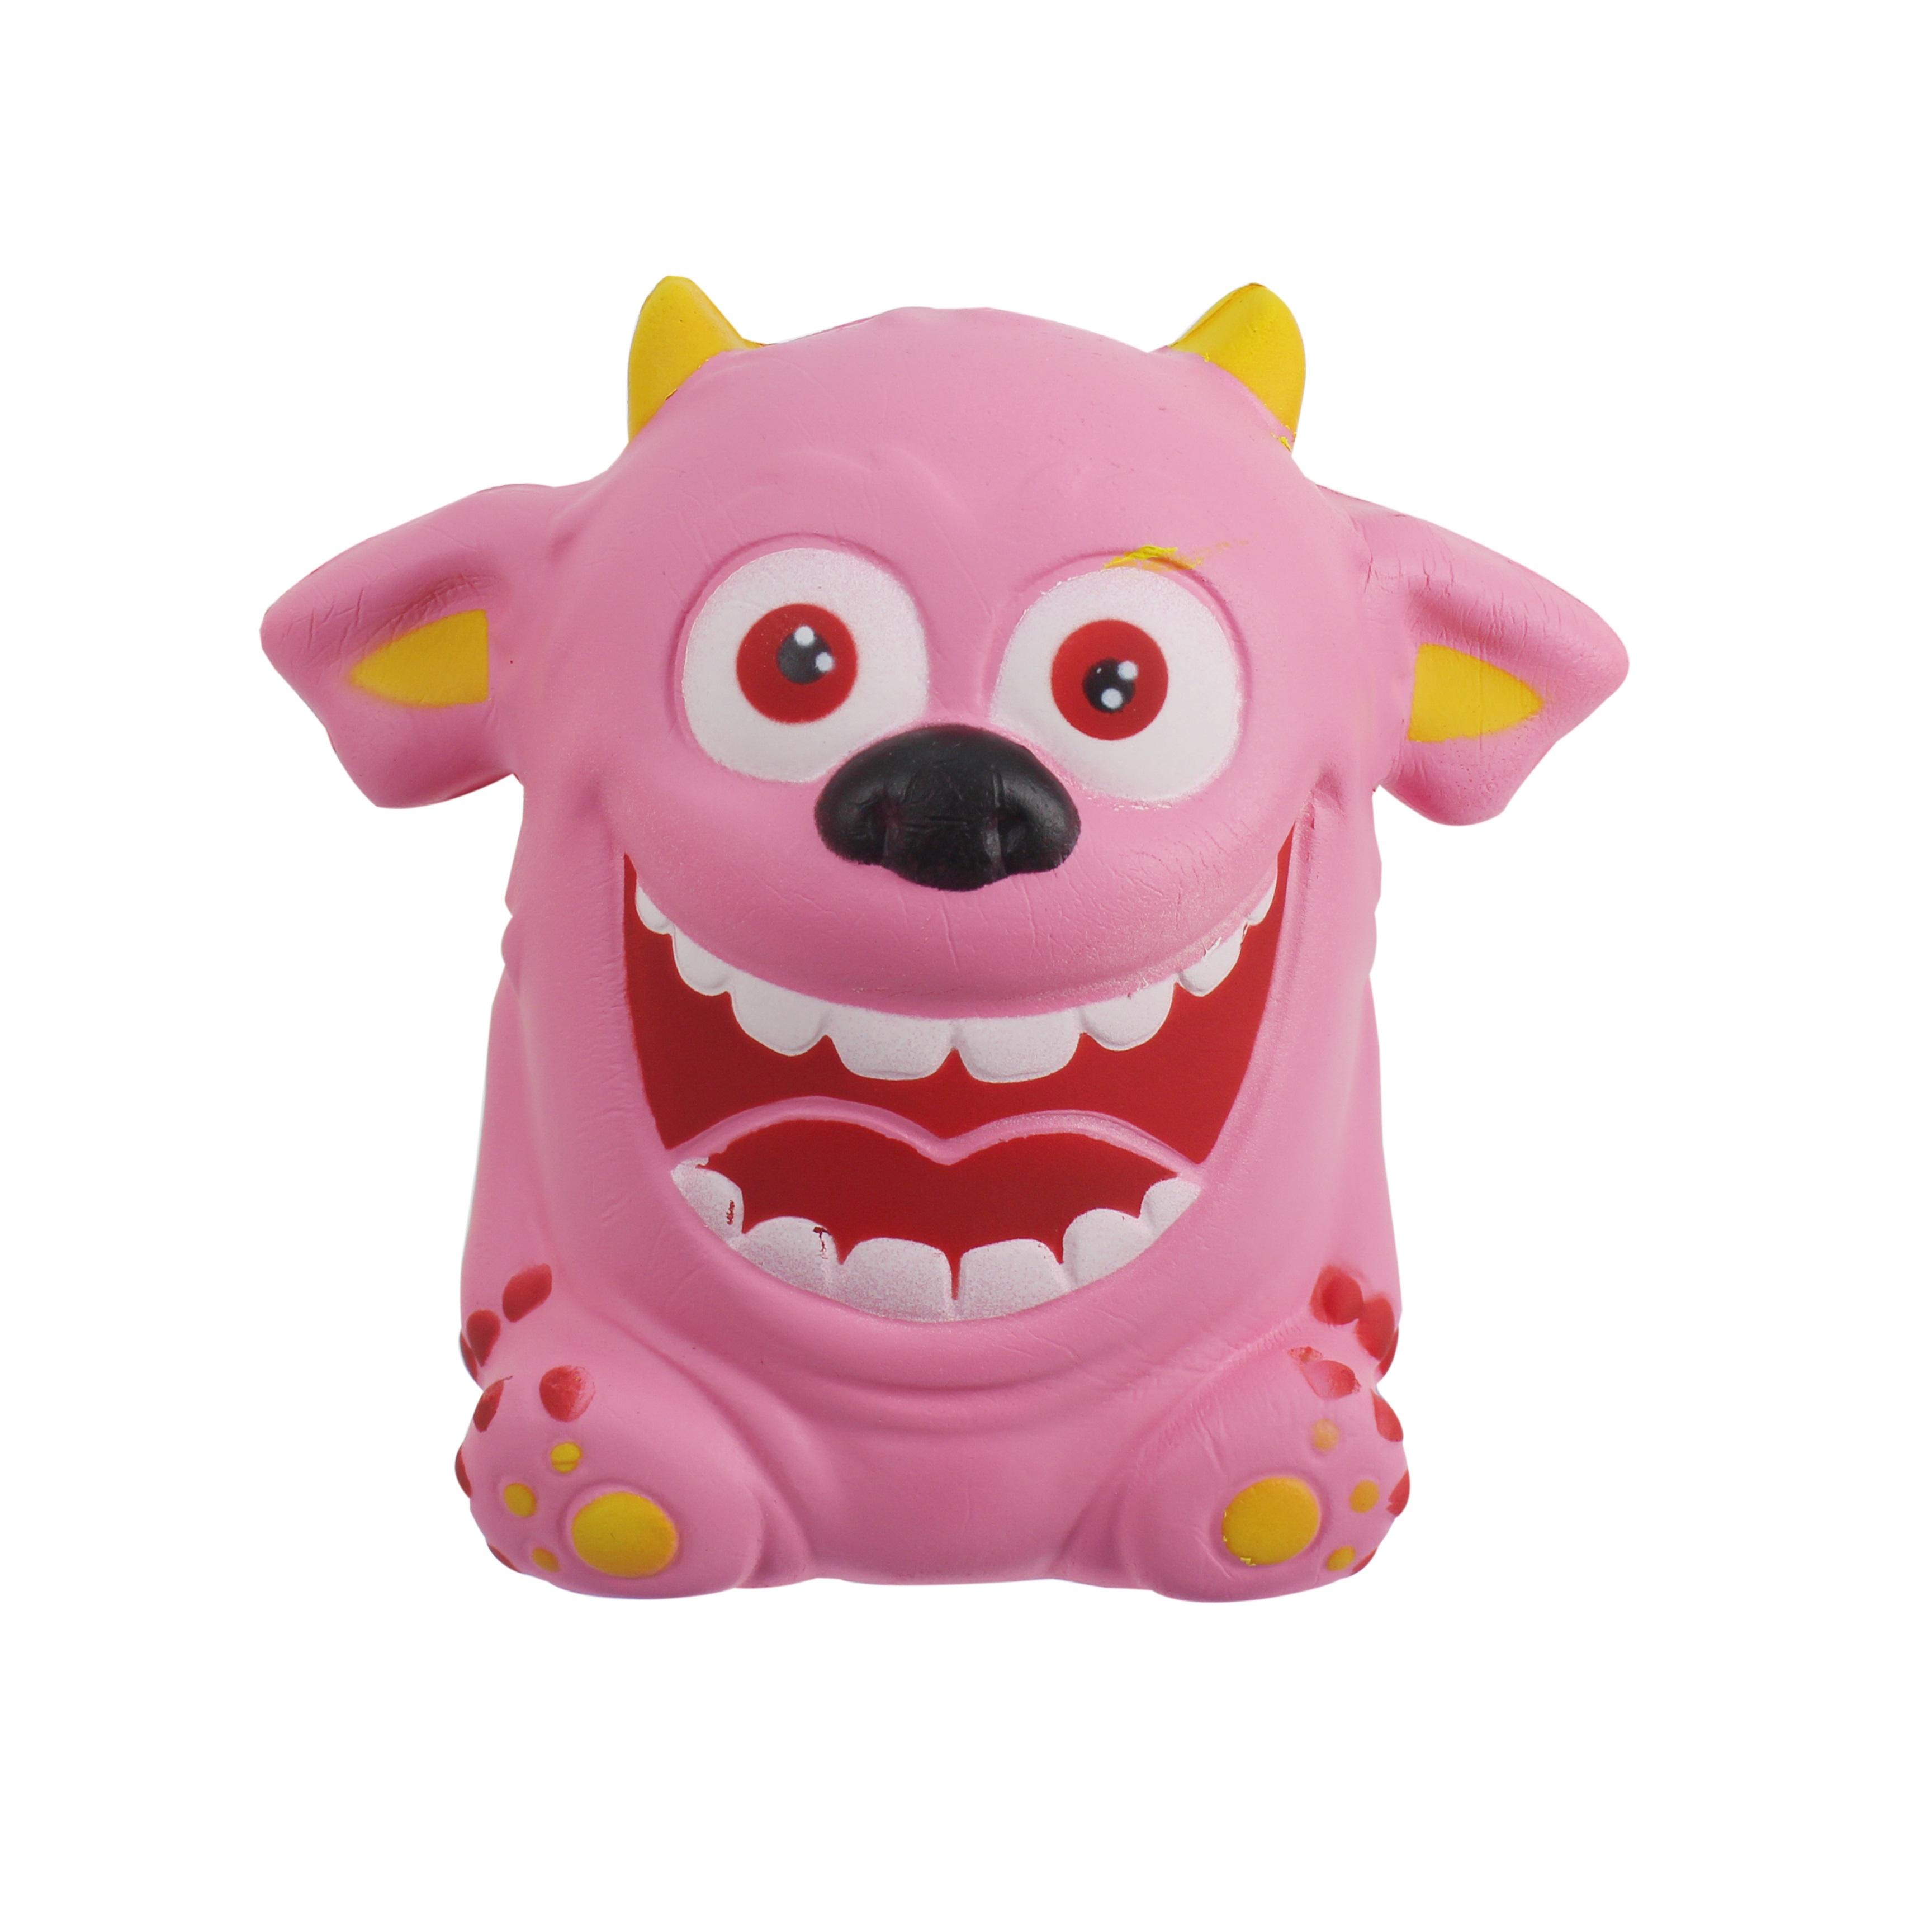 Купить Игрушка-антистресс, «Мммняшка Squishy. Веселый монстрик», 1toy, Китай, полимерные материалы